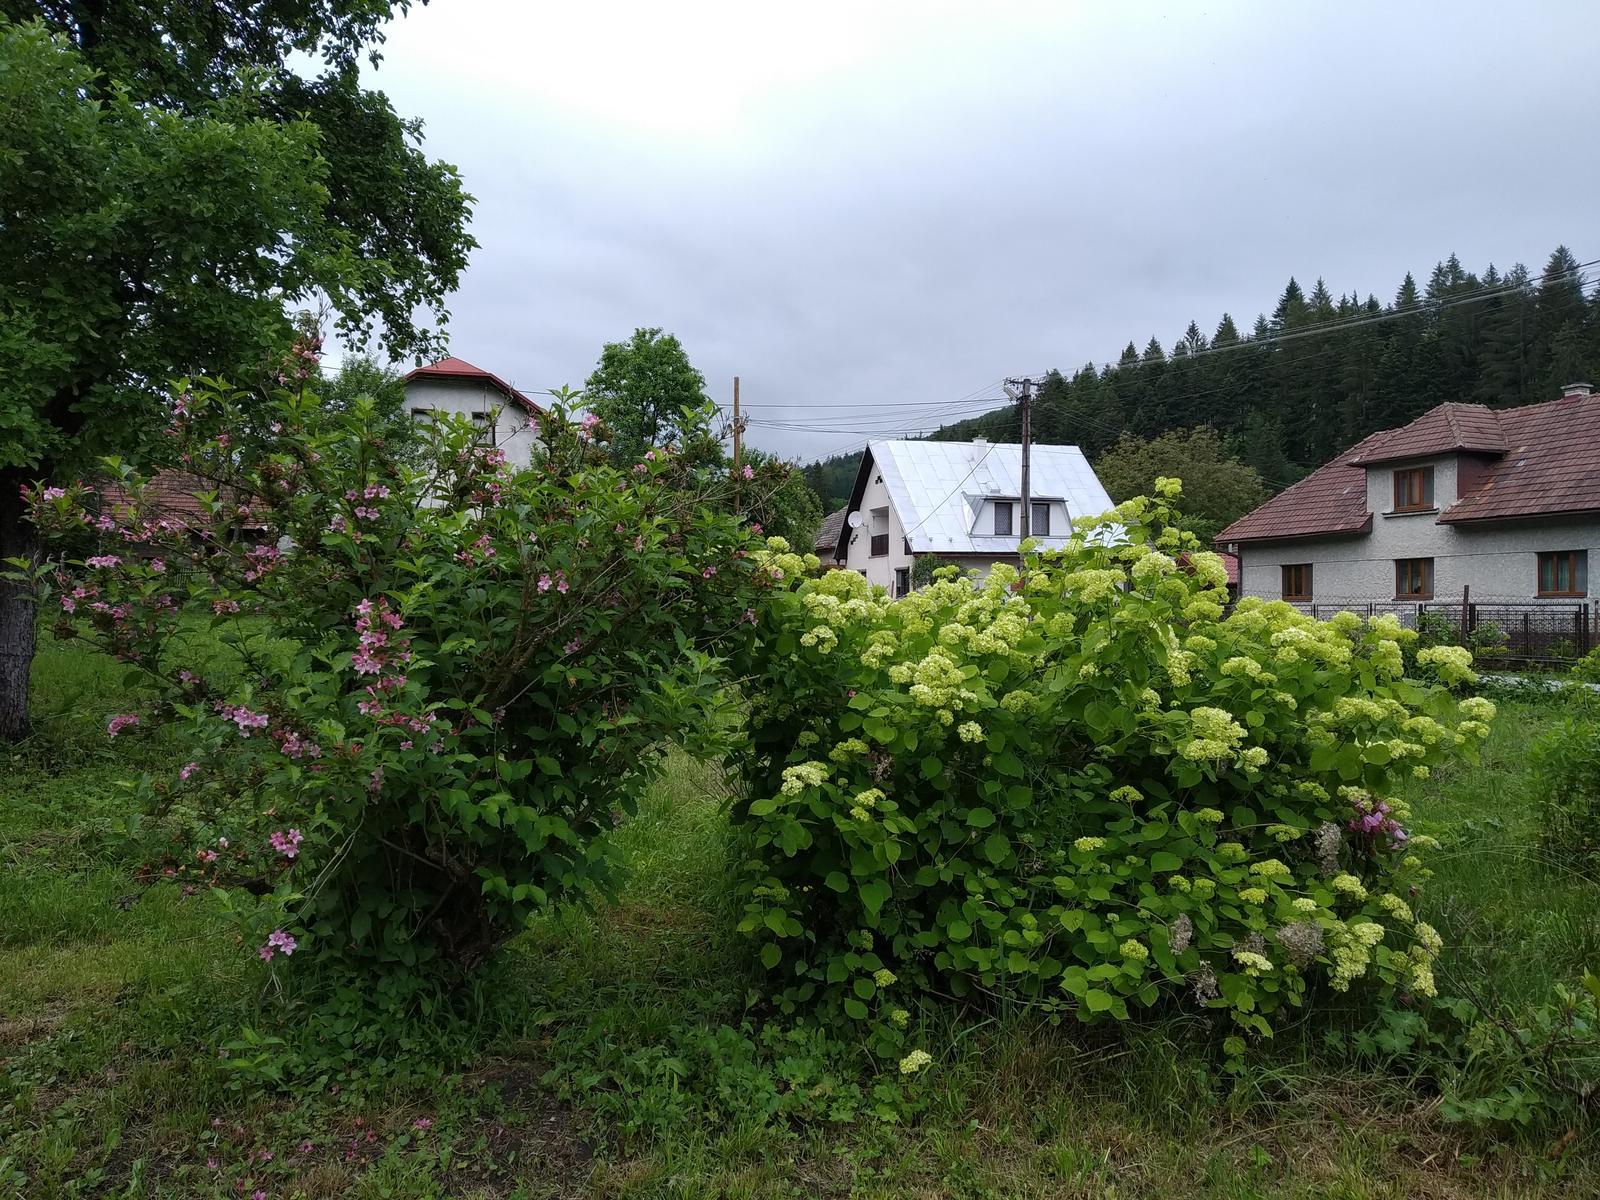 Babkina záhrada - Ak by ste mi nikto vedeli poradiť, ako skrotiť tú hortenziu...vďaka ;-)